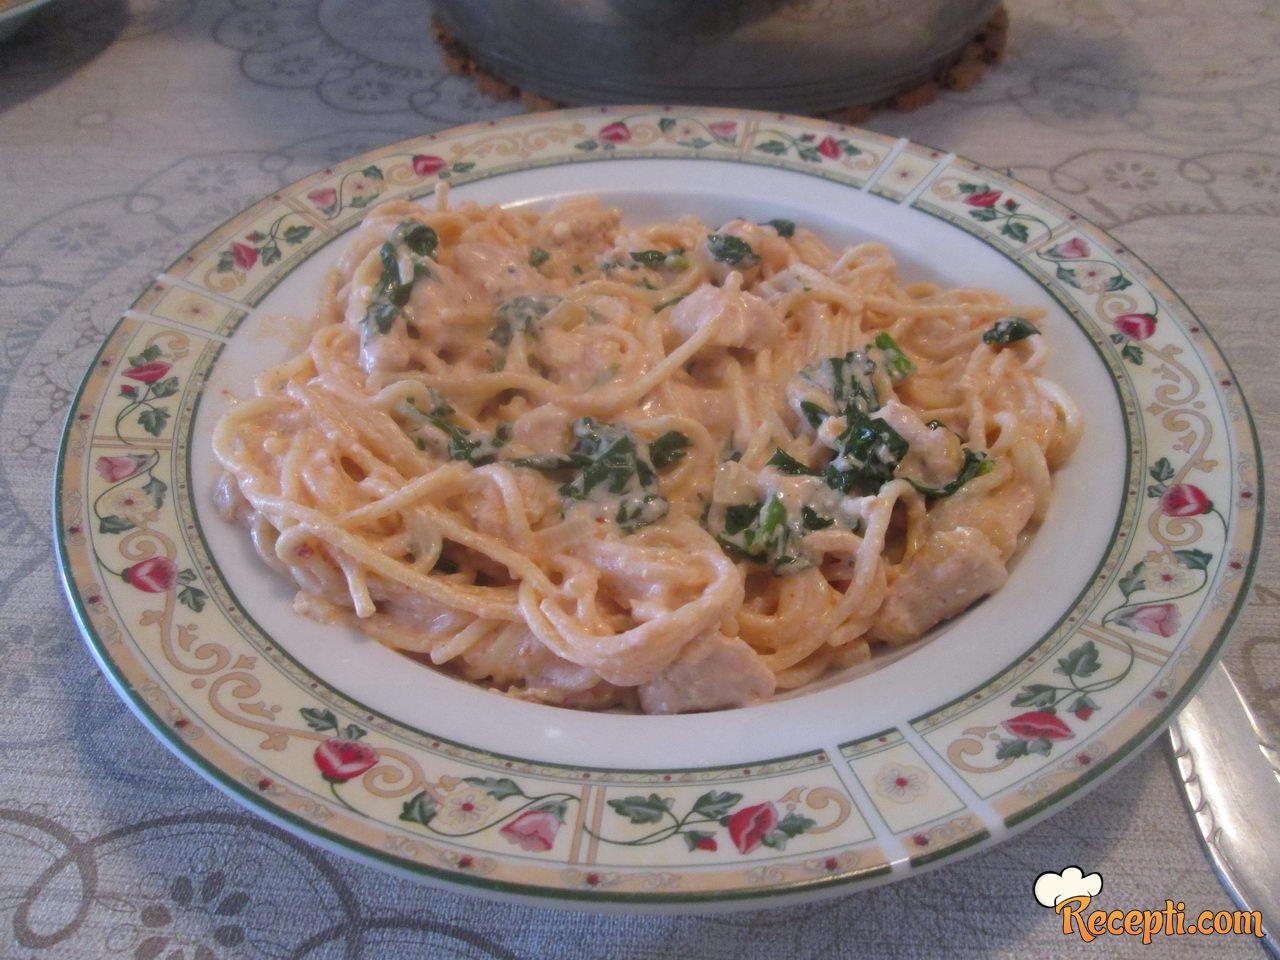 Špagete u kremastom sosu sa spanaćem